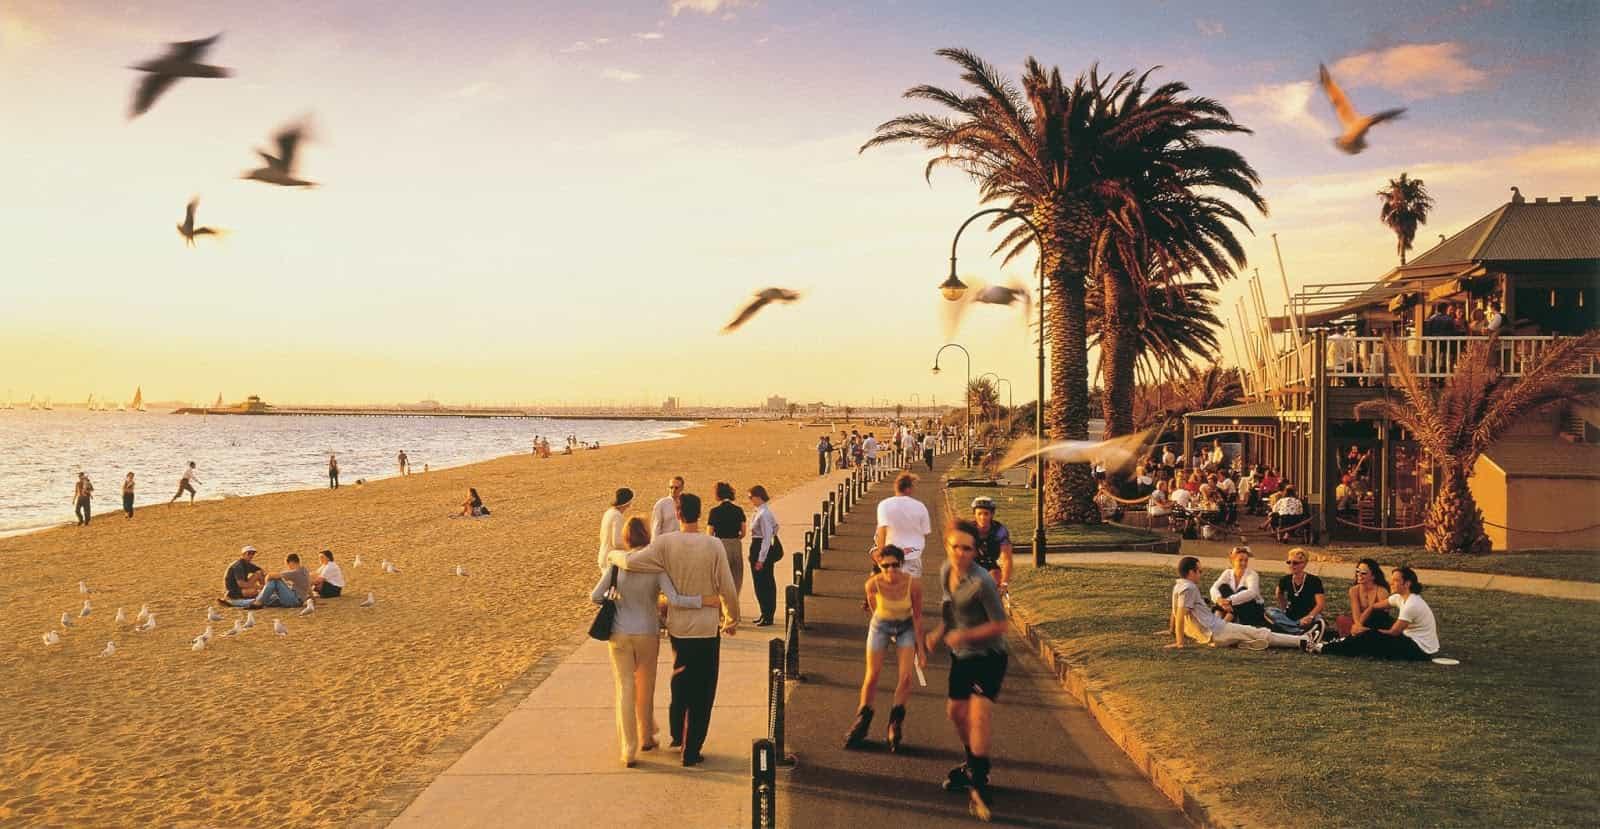 Du lịch Úc vào mùa hè đầy nắng